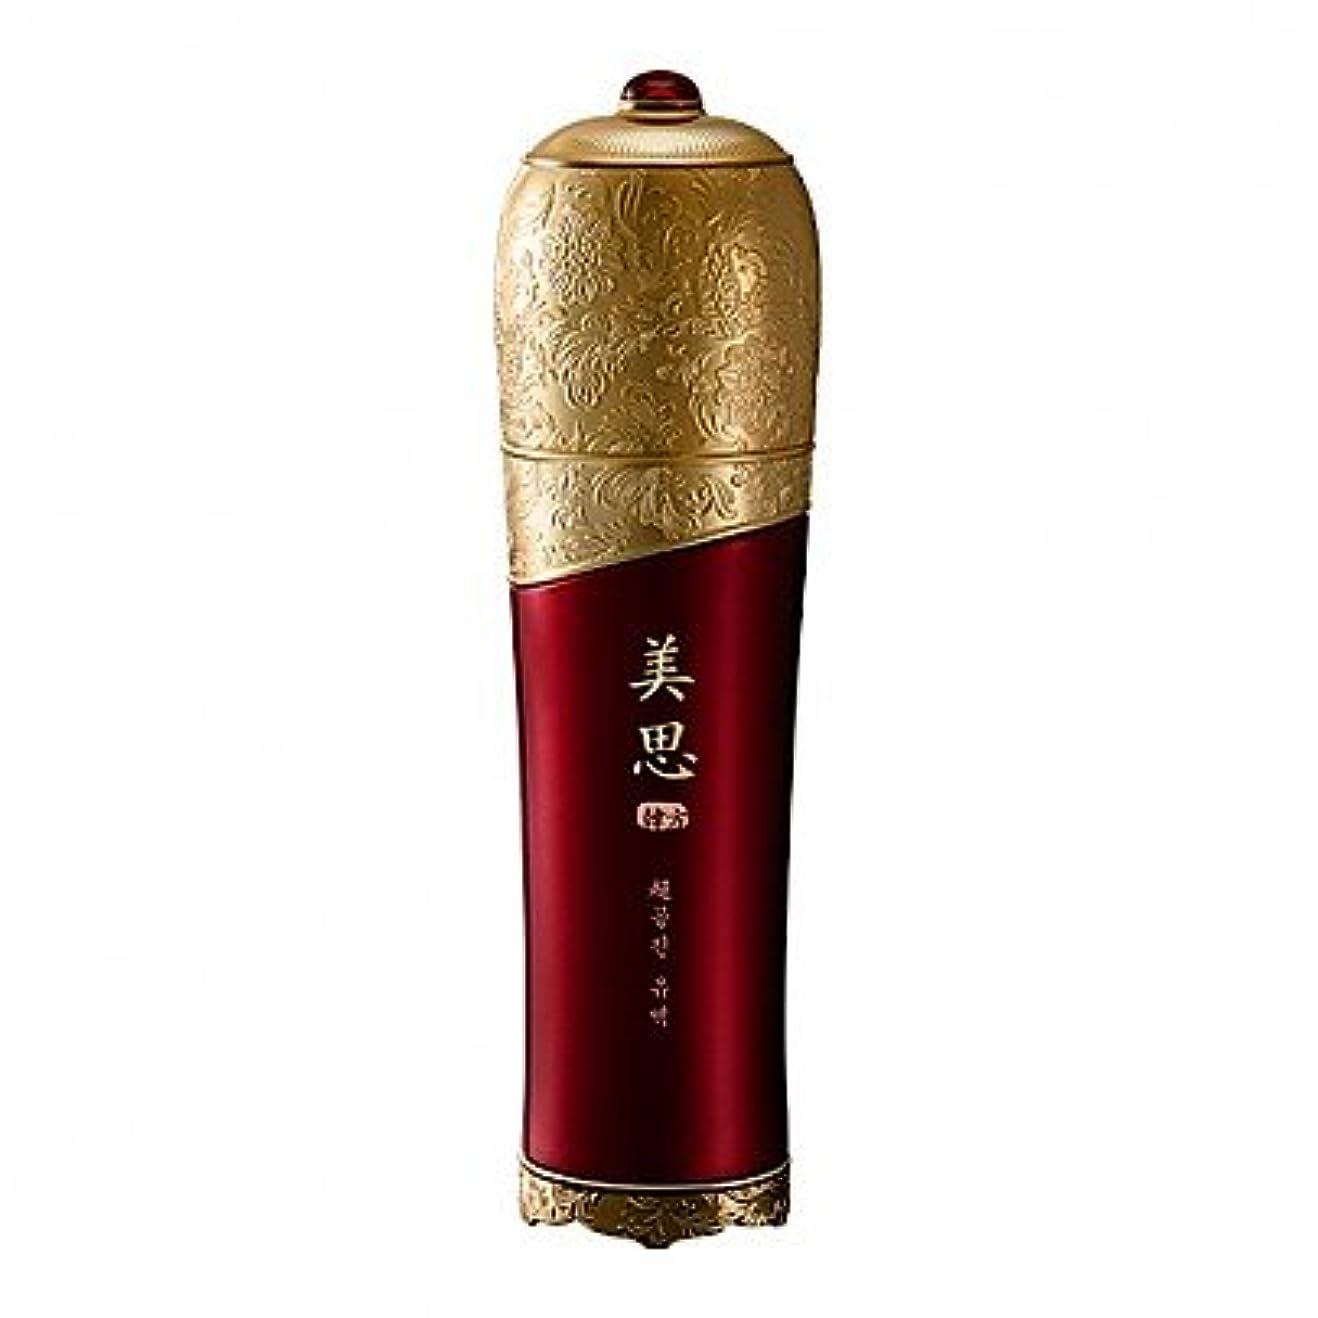 促す宿命すでにMISSHA/ミシャ チョゴンジン 乳液 (旧チョボヤン) 125ml[海外直送品]